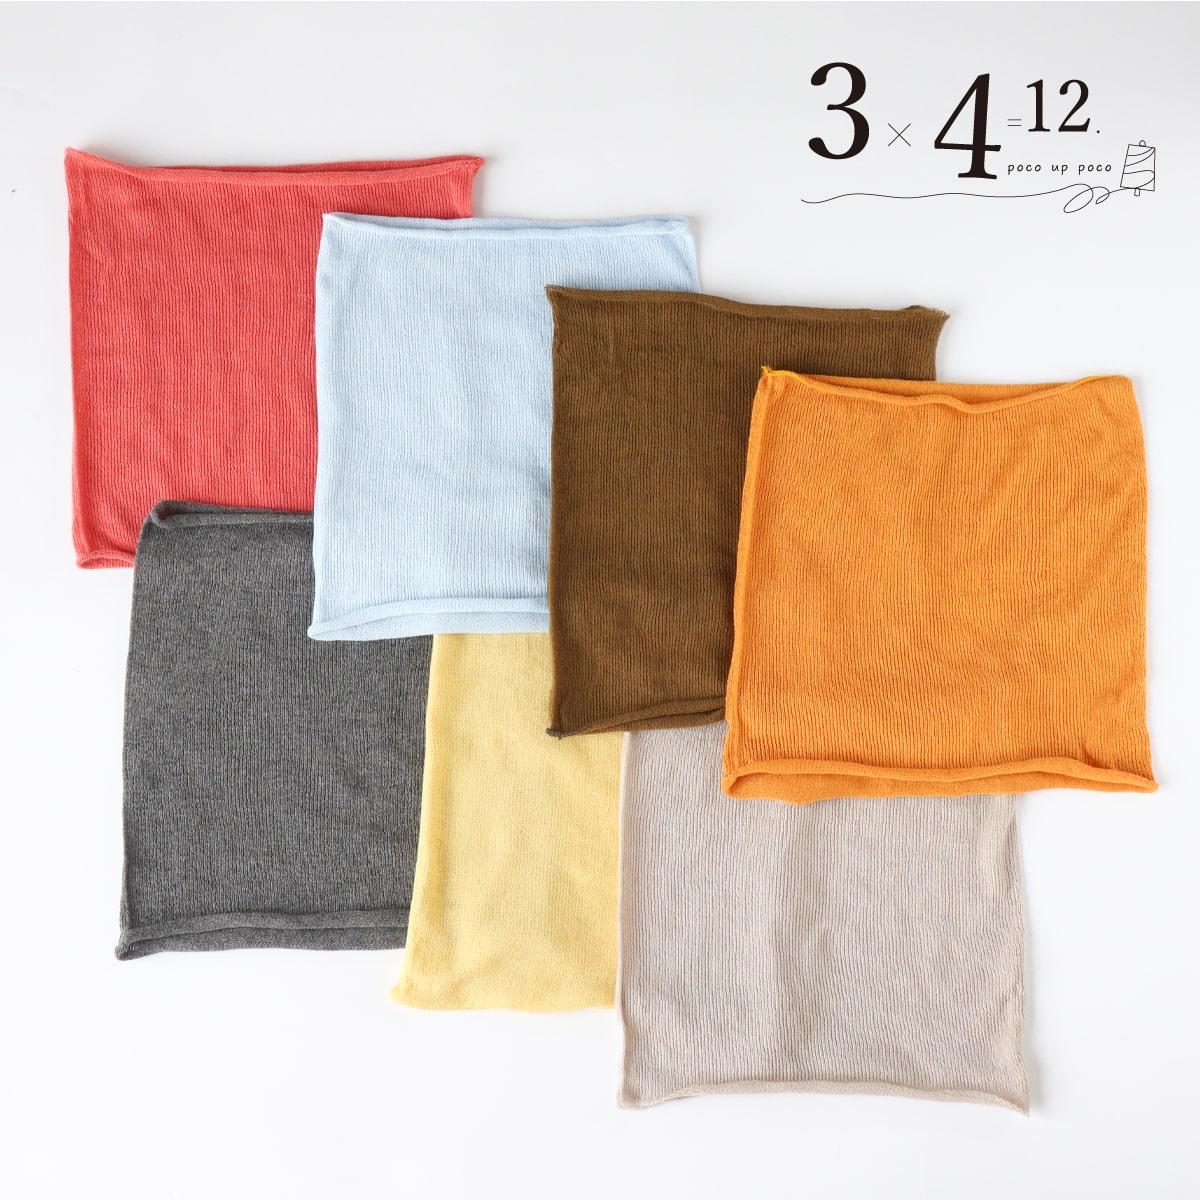 日本の工場さんと取り組むサスティナブルな靴下プロジェクト第3弾です 初のネックウォーマー カラフルな色合いと優しい風合いが特徴です ネックウォーマー 供え 3×4=12 poco up メンズ カラフル サスティナブル レディース コットン 日本製 ネックゲイター 暖かい 買い物 綿